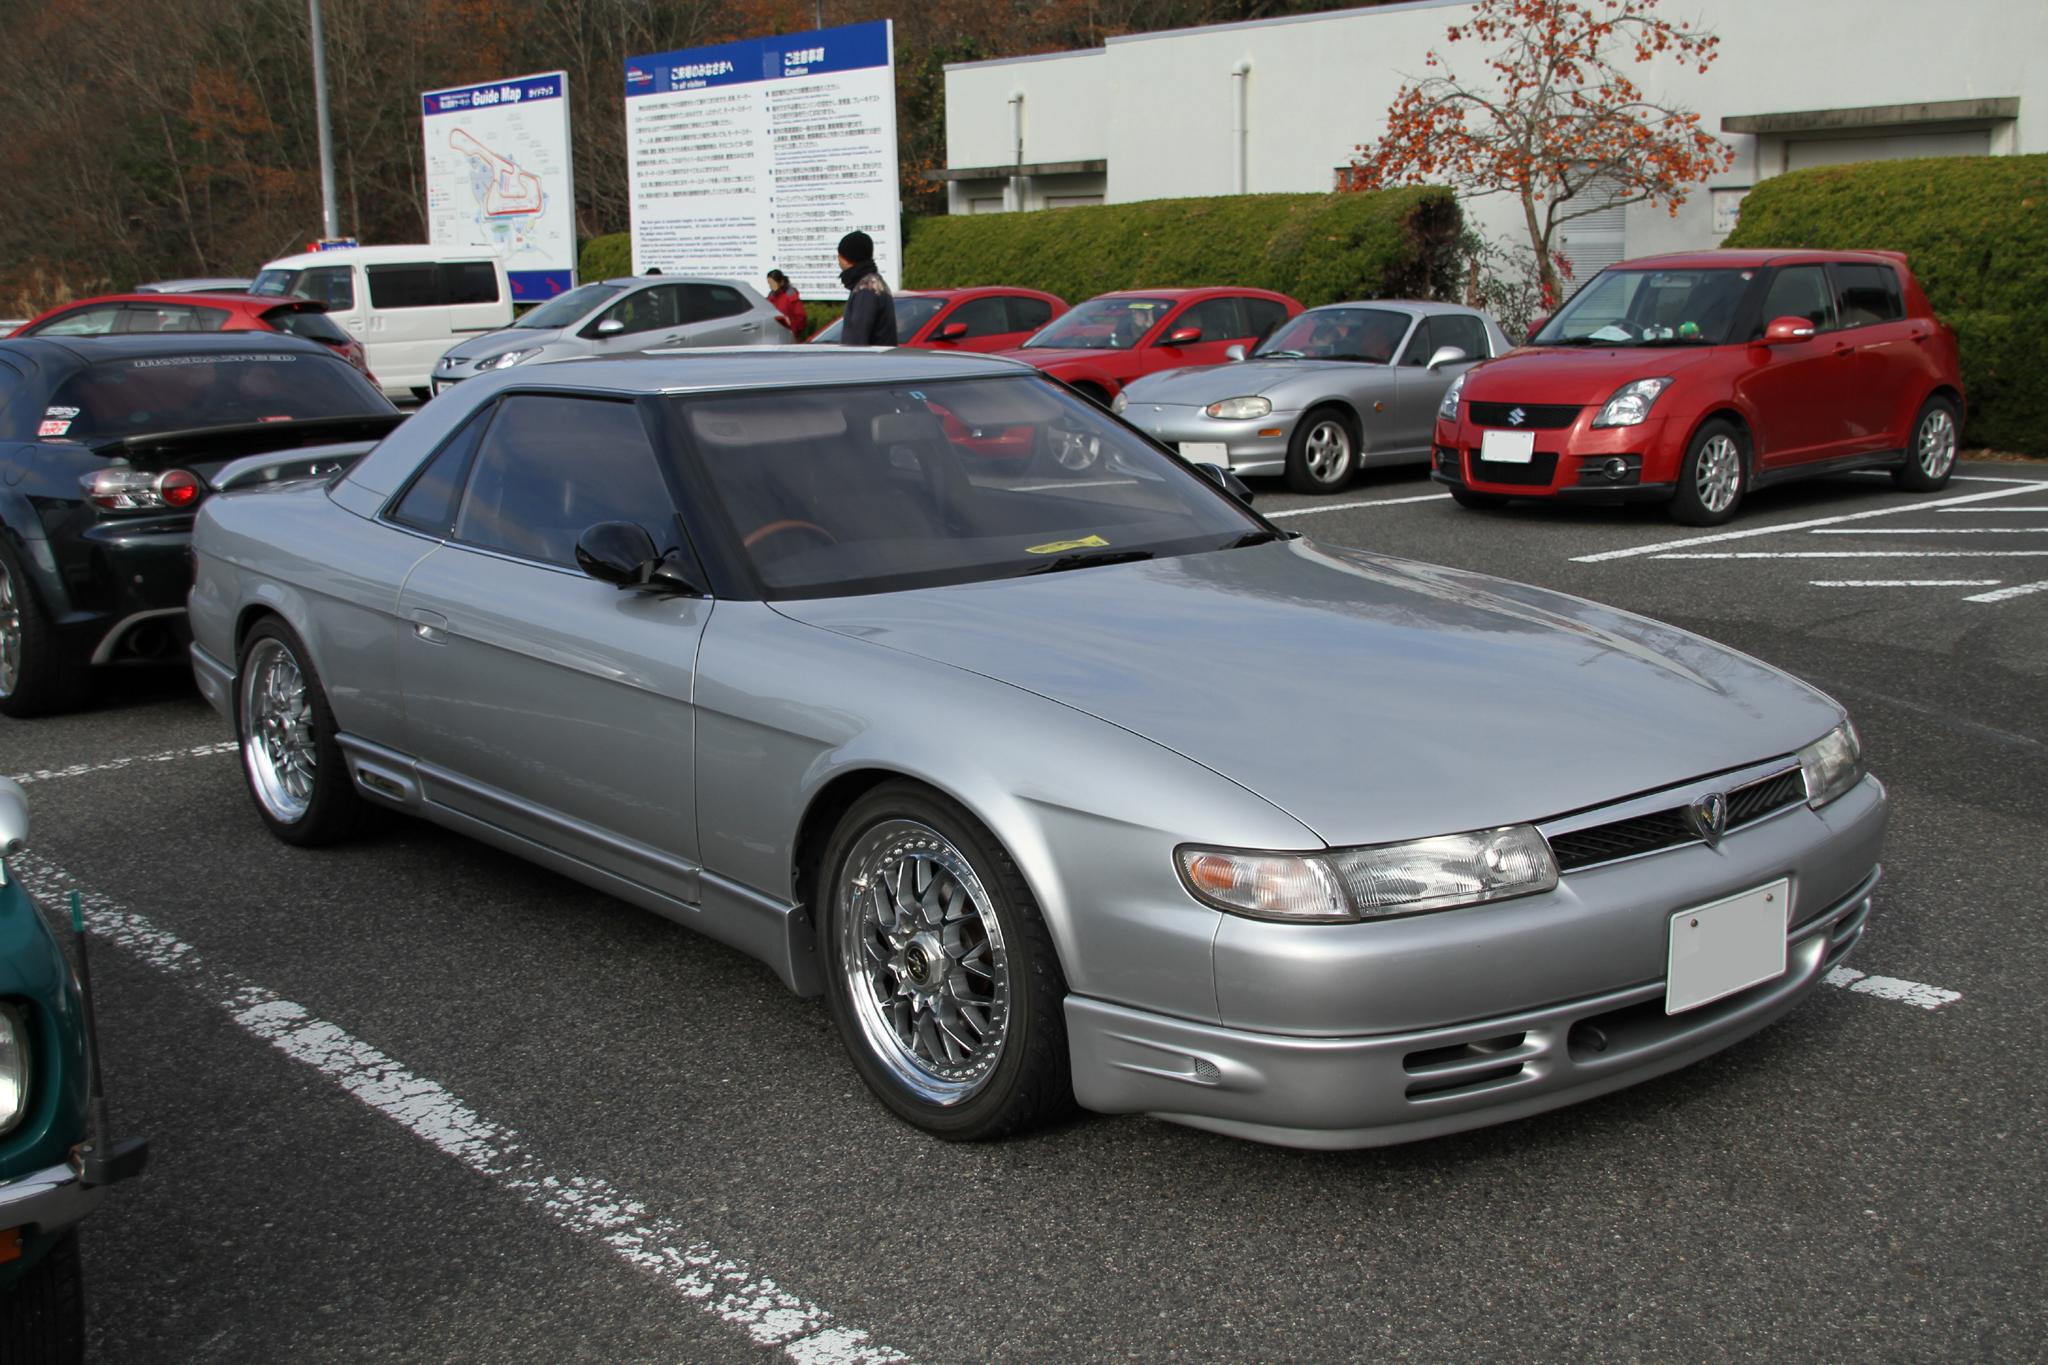 Mazda_Eunos_Cosmo%EF%BC%8820B%EF%BC%89.j